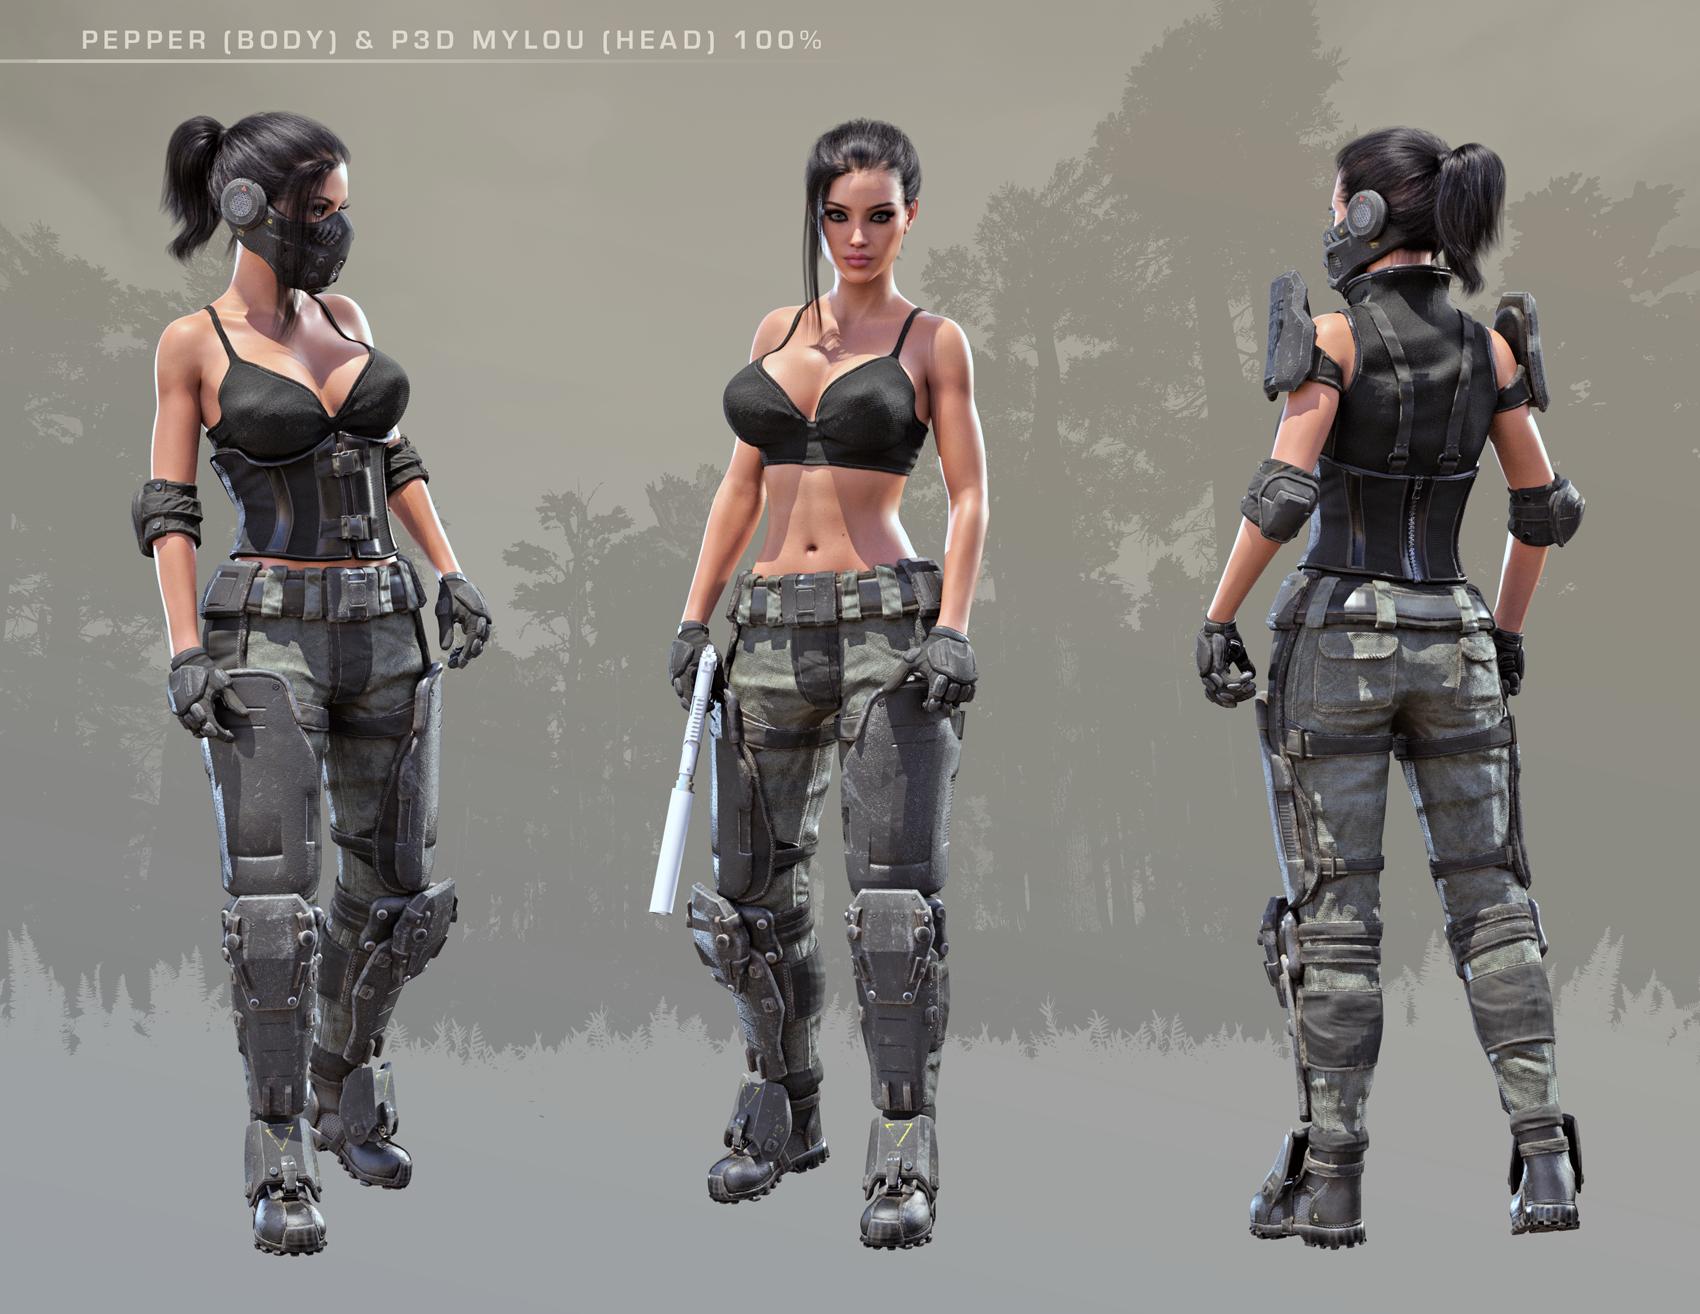 Tactical Assault Commando - Pepper